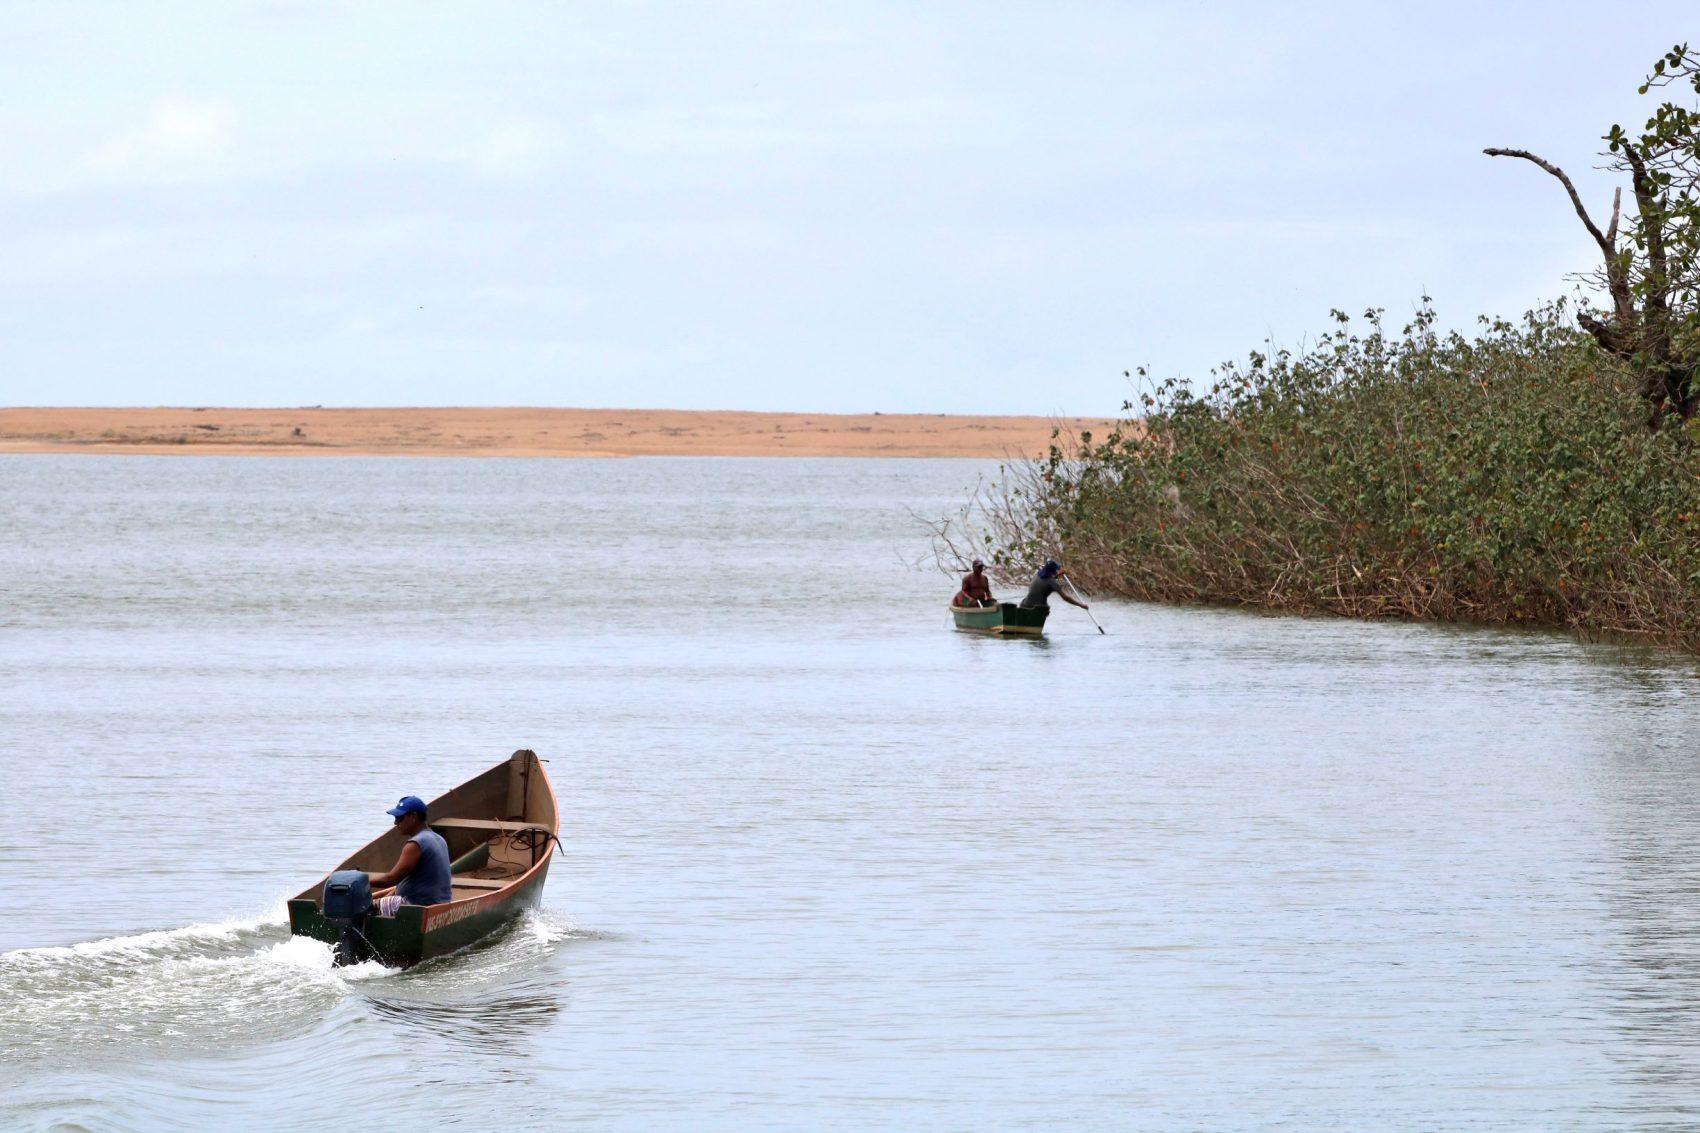 Barcos na foz do Rio Doce em novembro: contaminação crônica por metais resultante da lama de rejeitos da barragem da mineradora da Samarco (Foto: Tânia Rego/Agência Brasil)